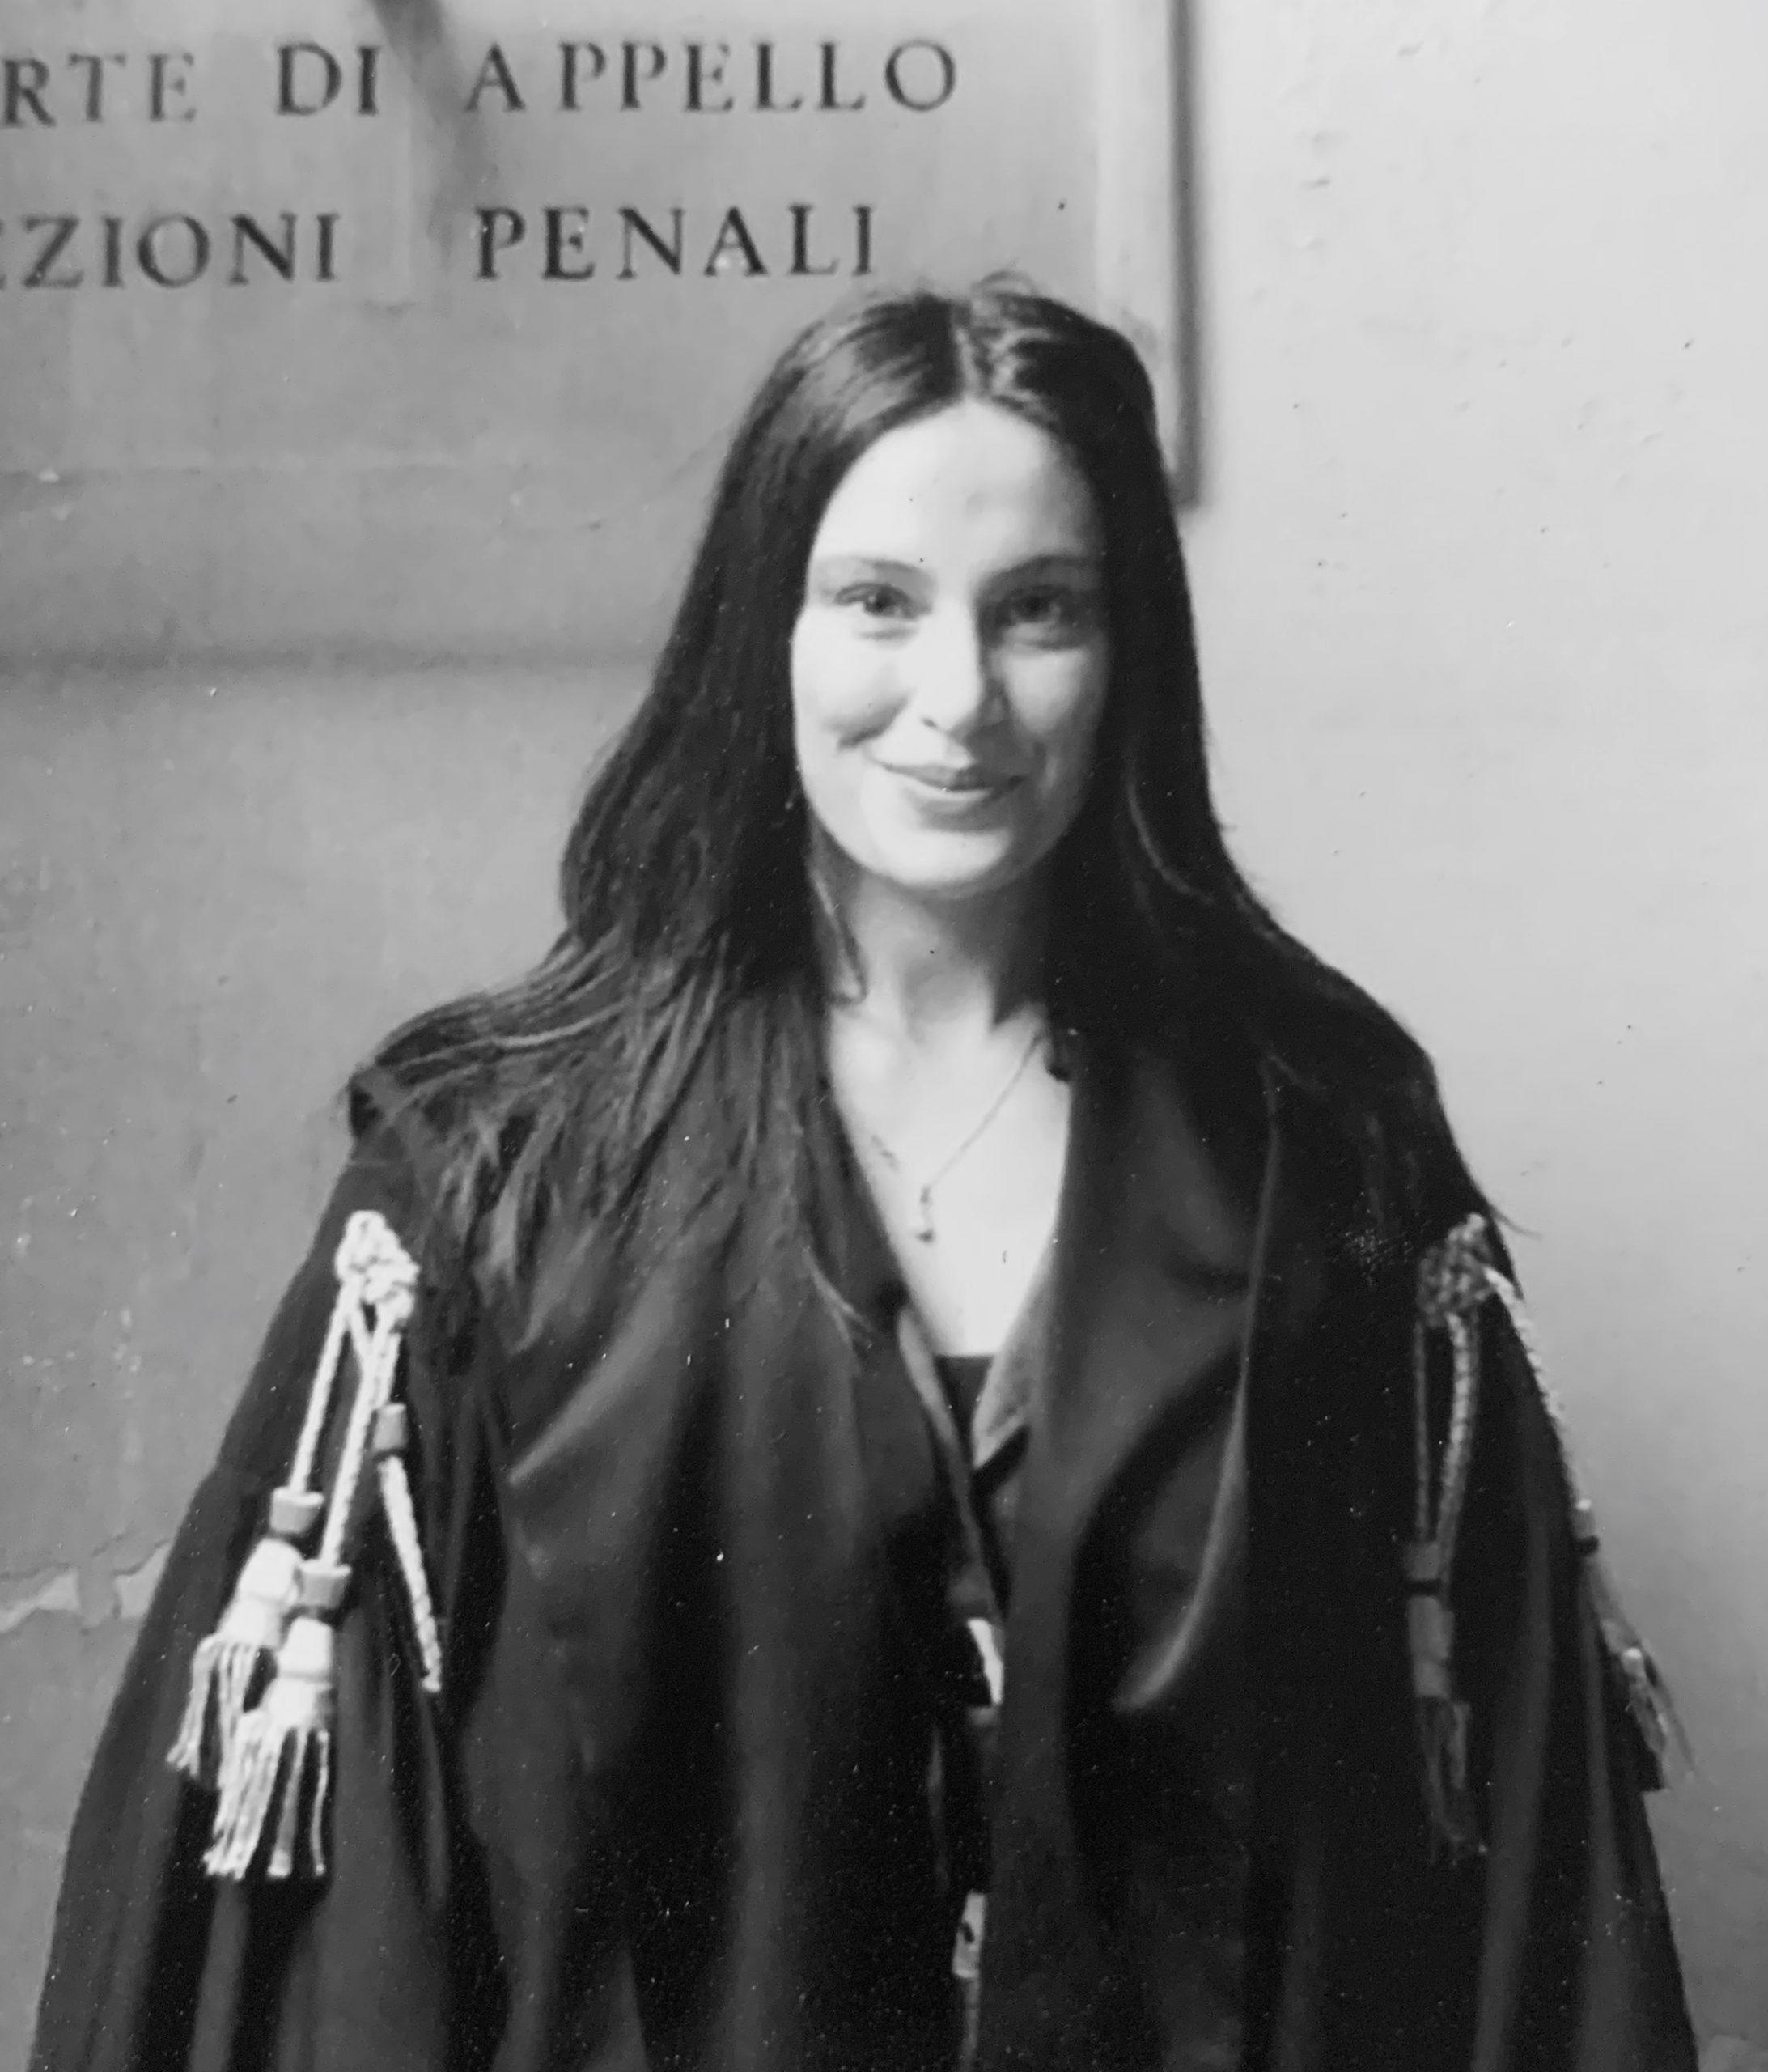 avvocato bologna marilena ricucci